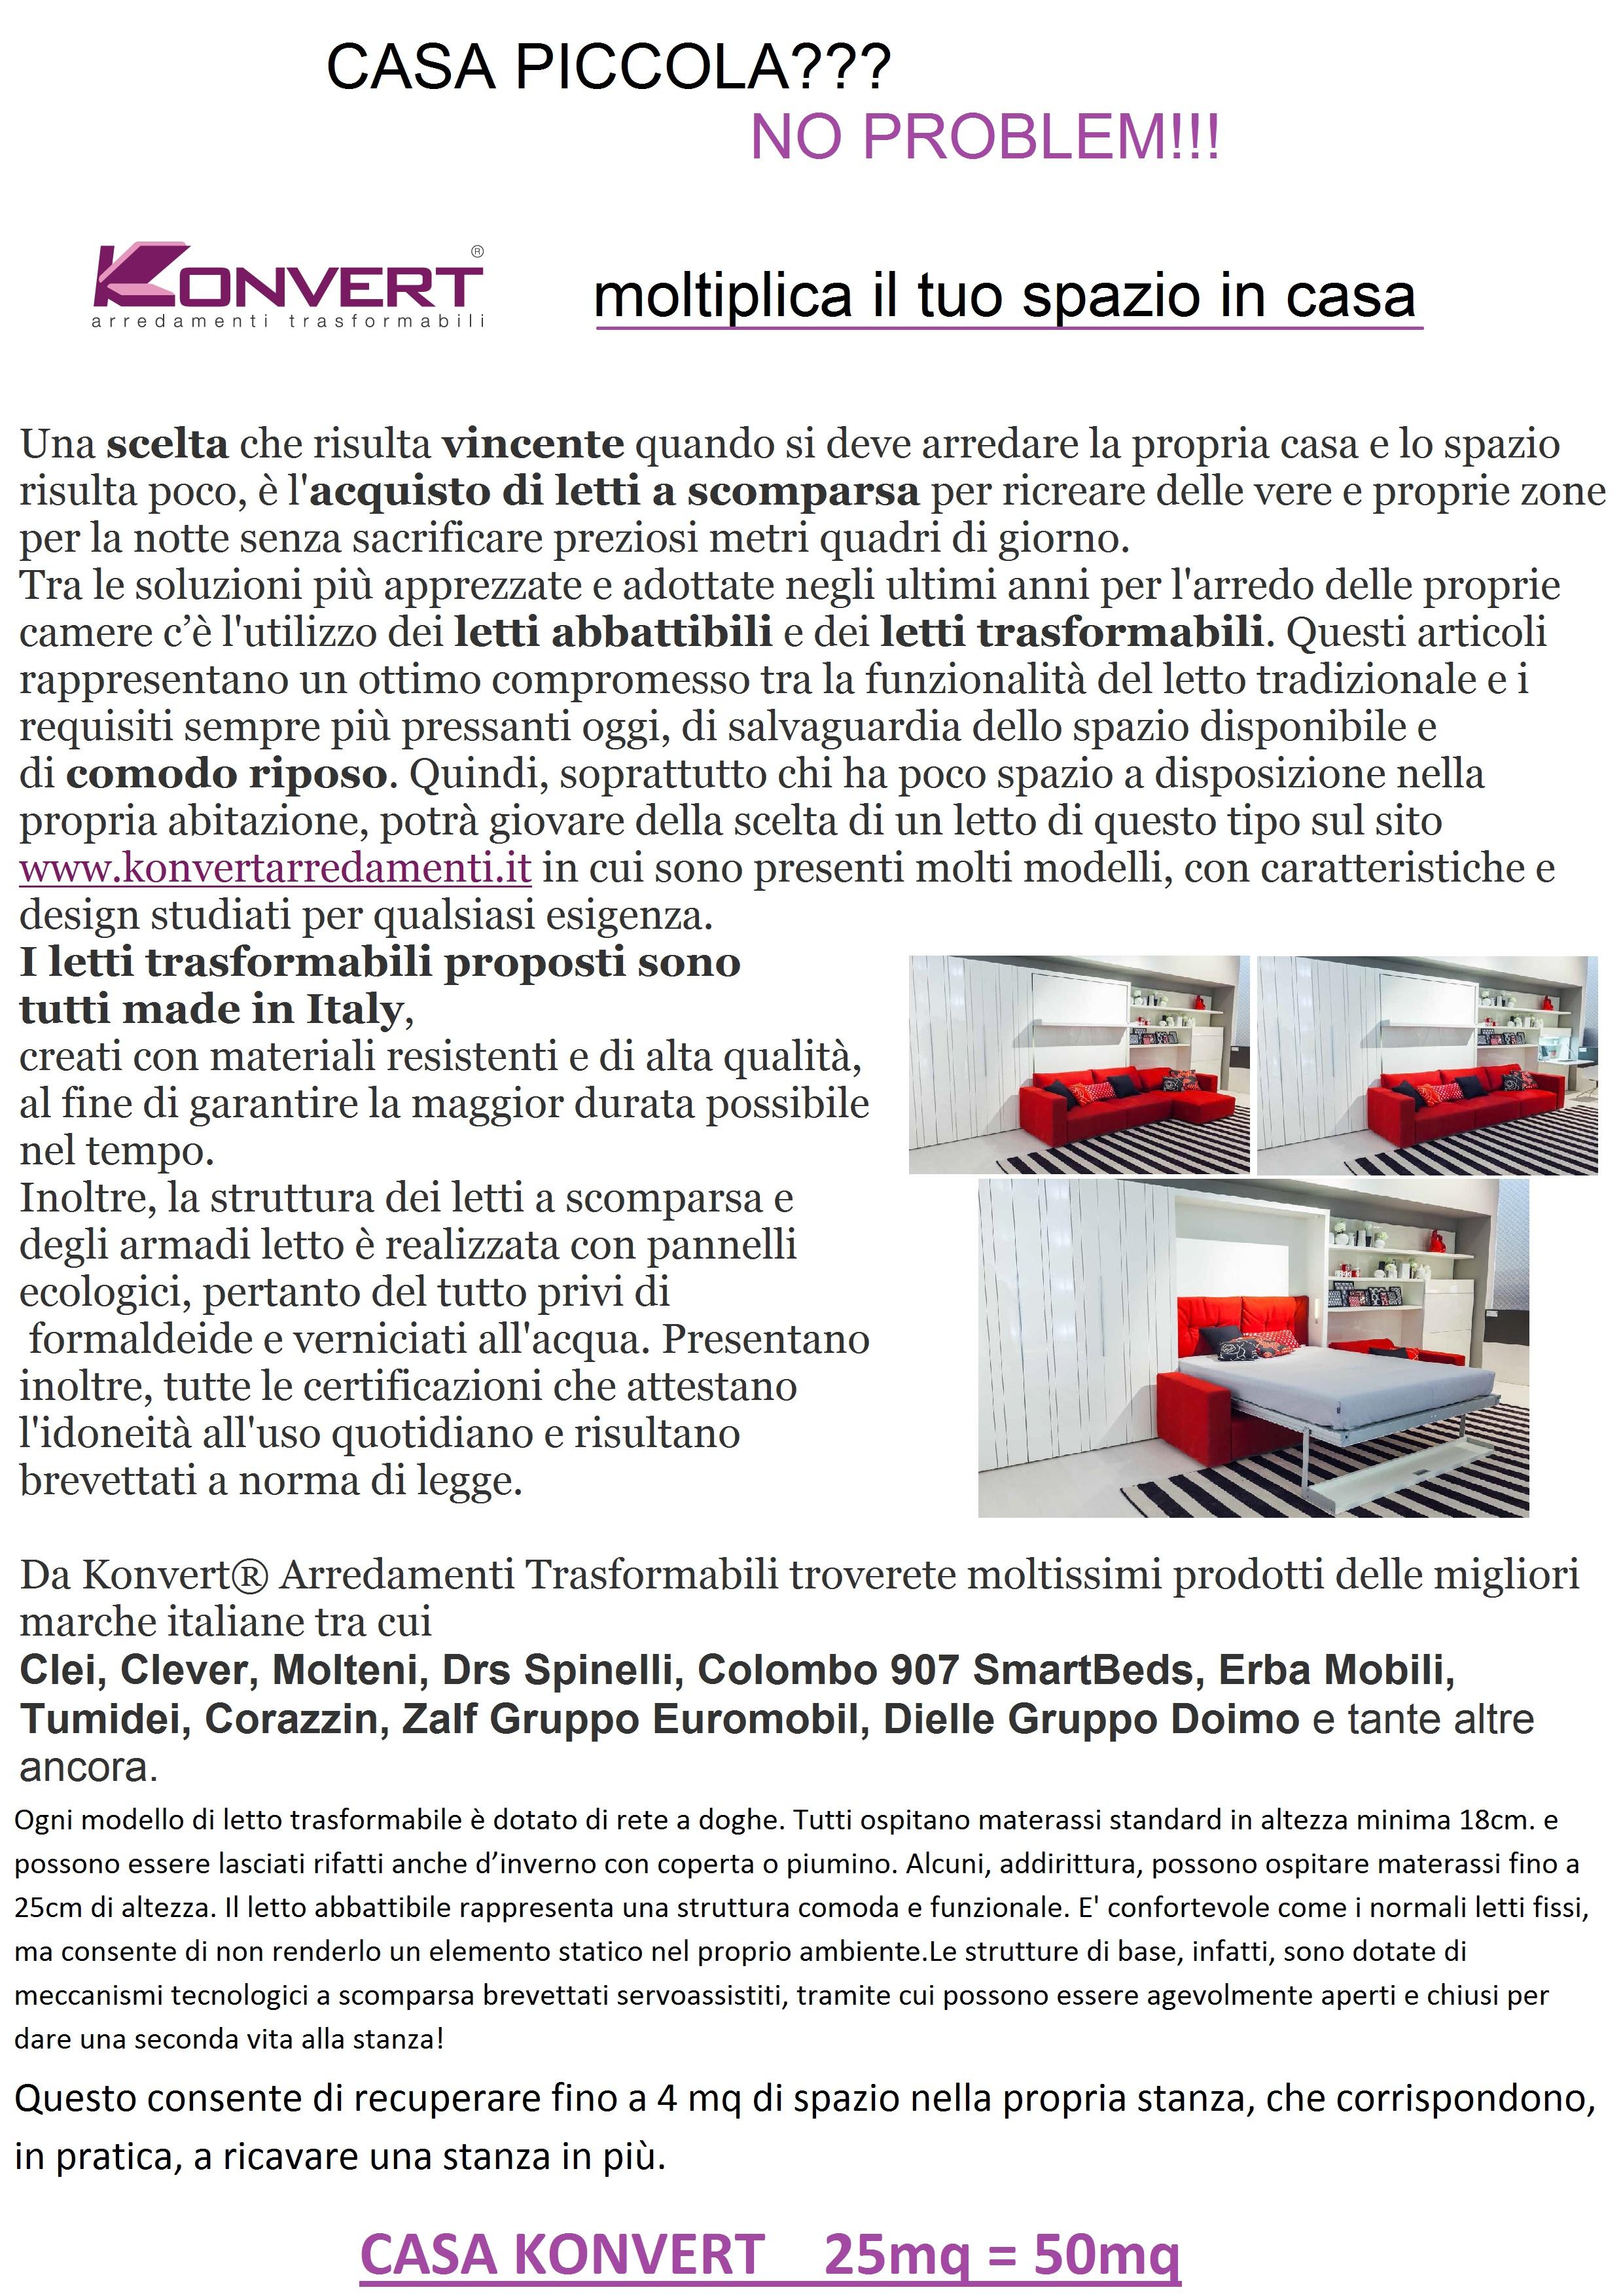 Casa piccola no problem konvert arredamenti trasformabili for Arredamenti trasformabili